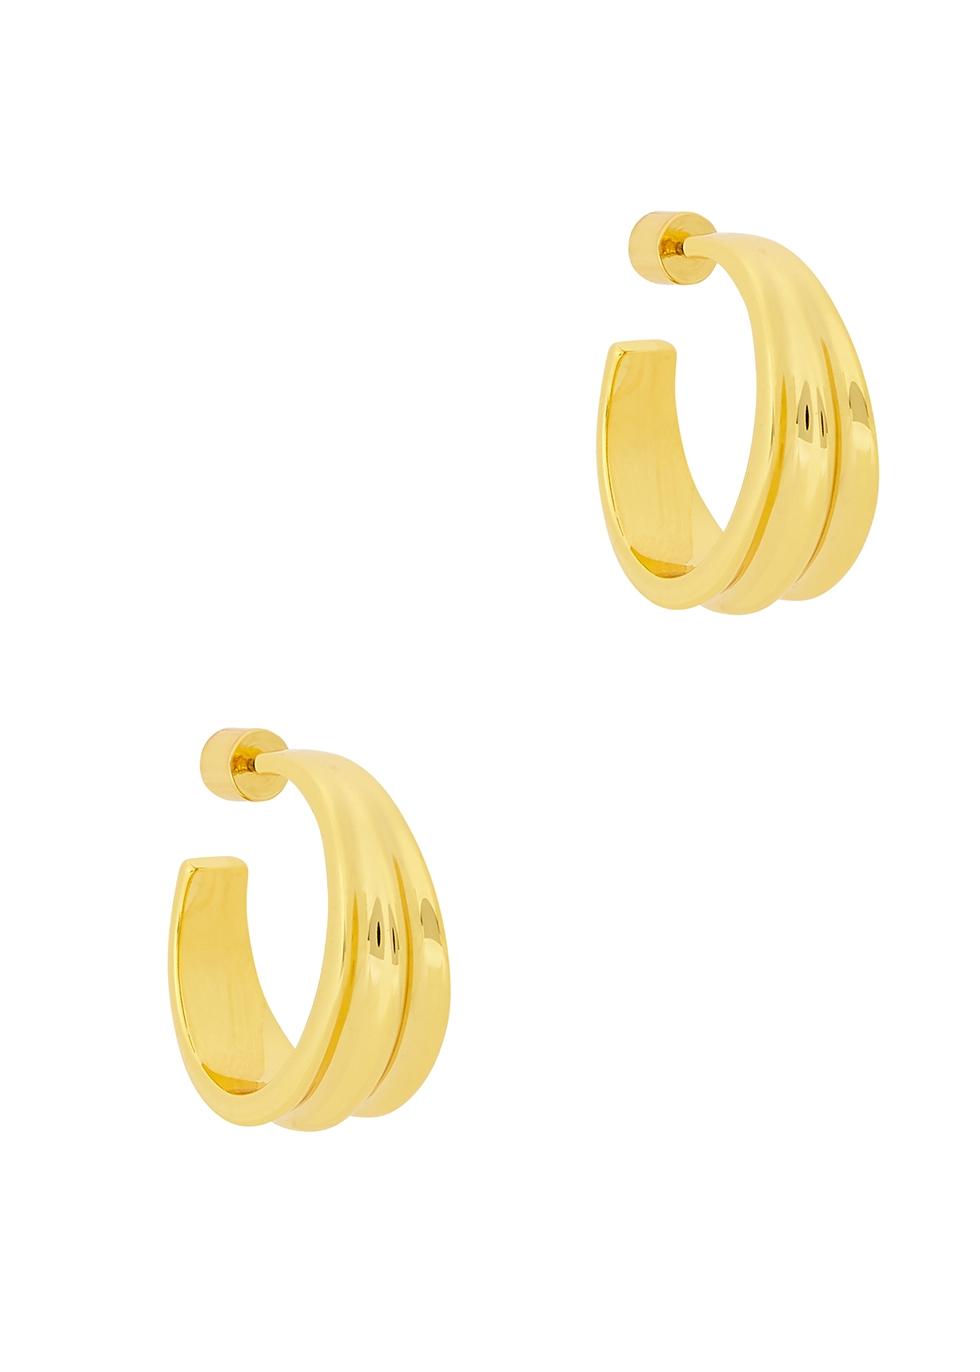 Pleated 14kt gold-dipped hoop earrings